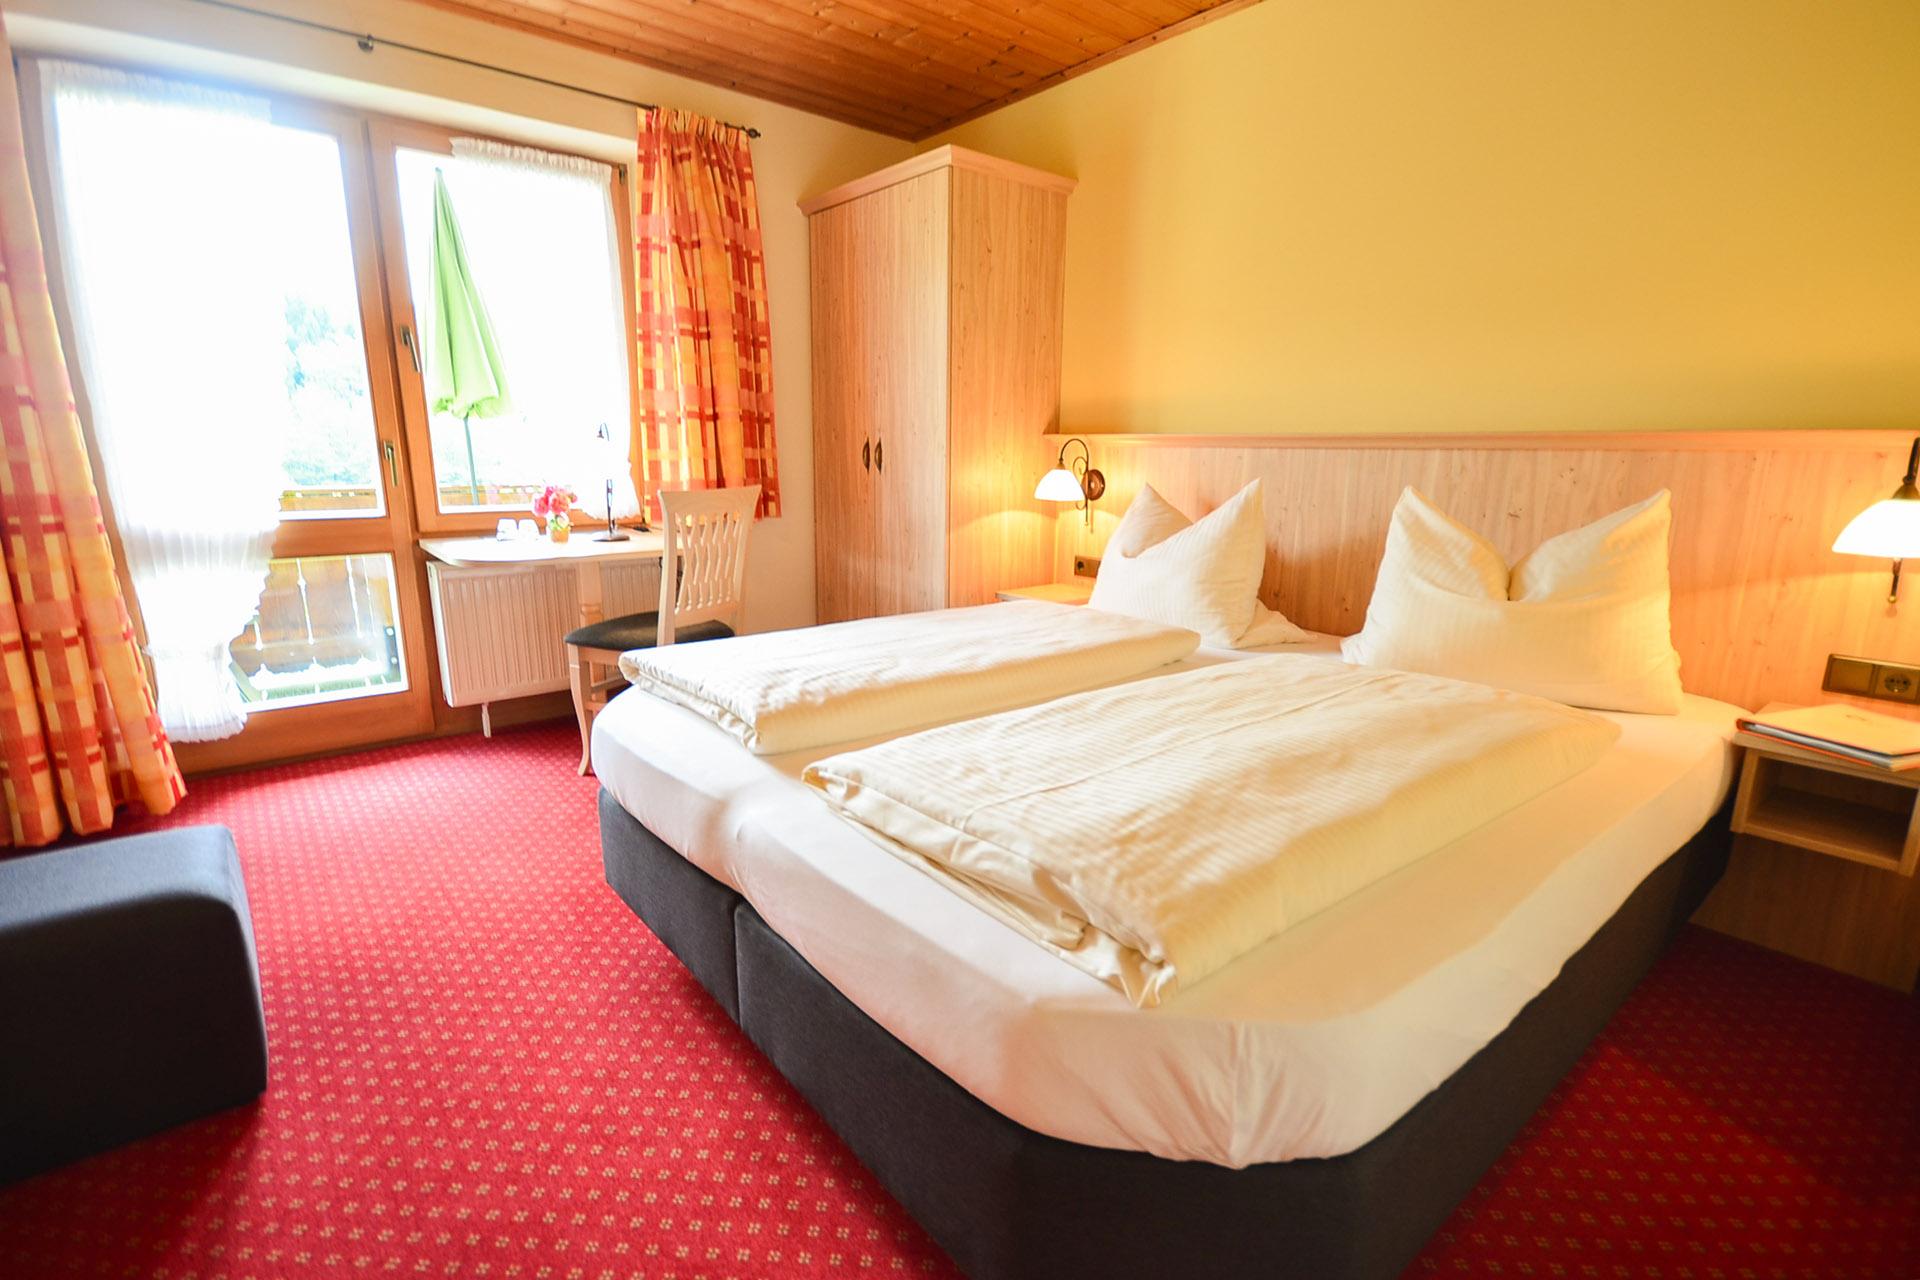 Zimmer-1-Alpenveilchen-012